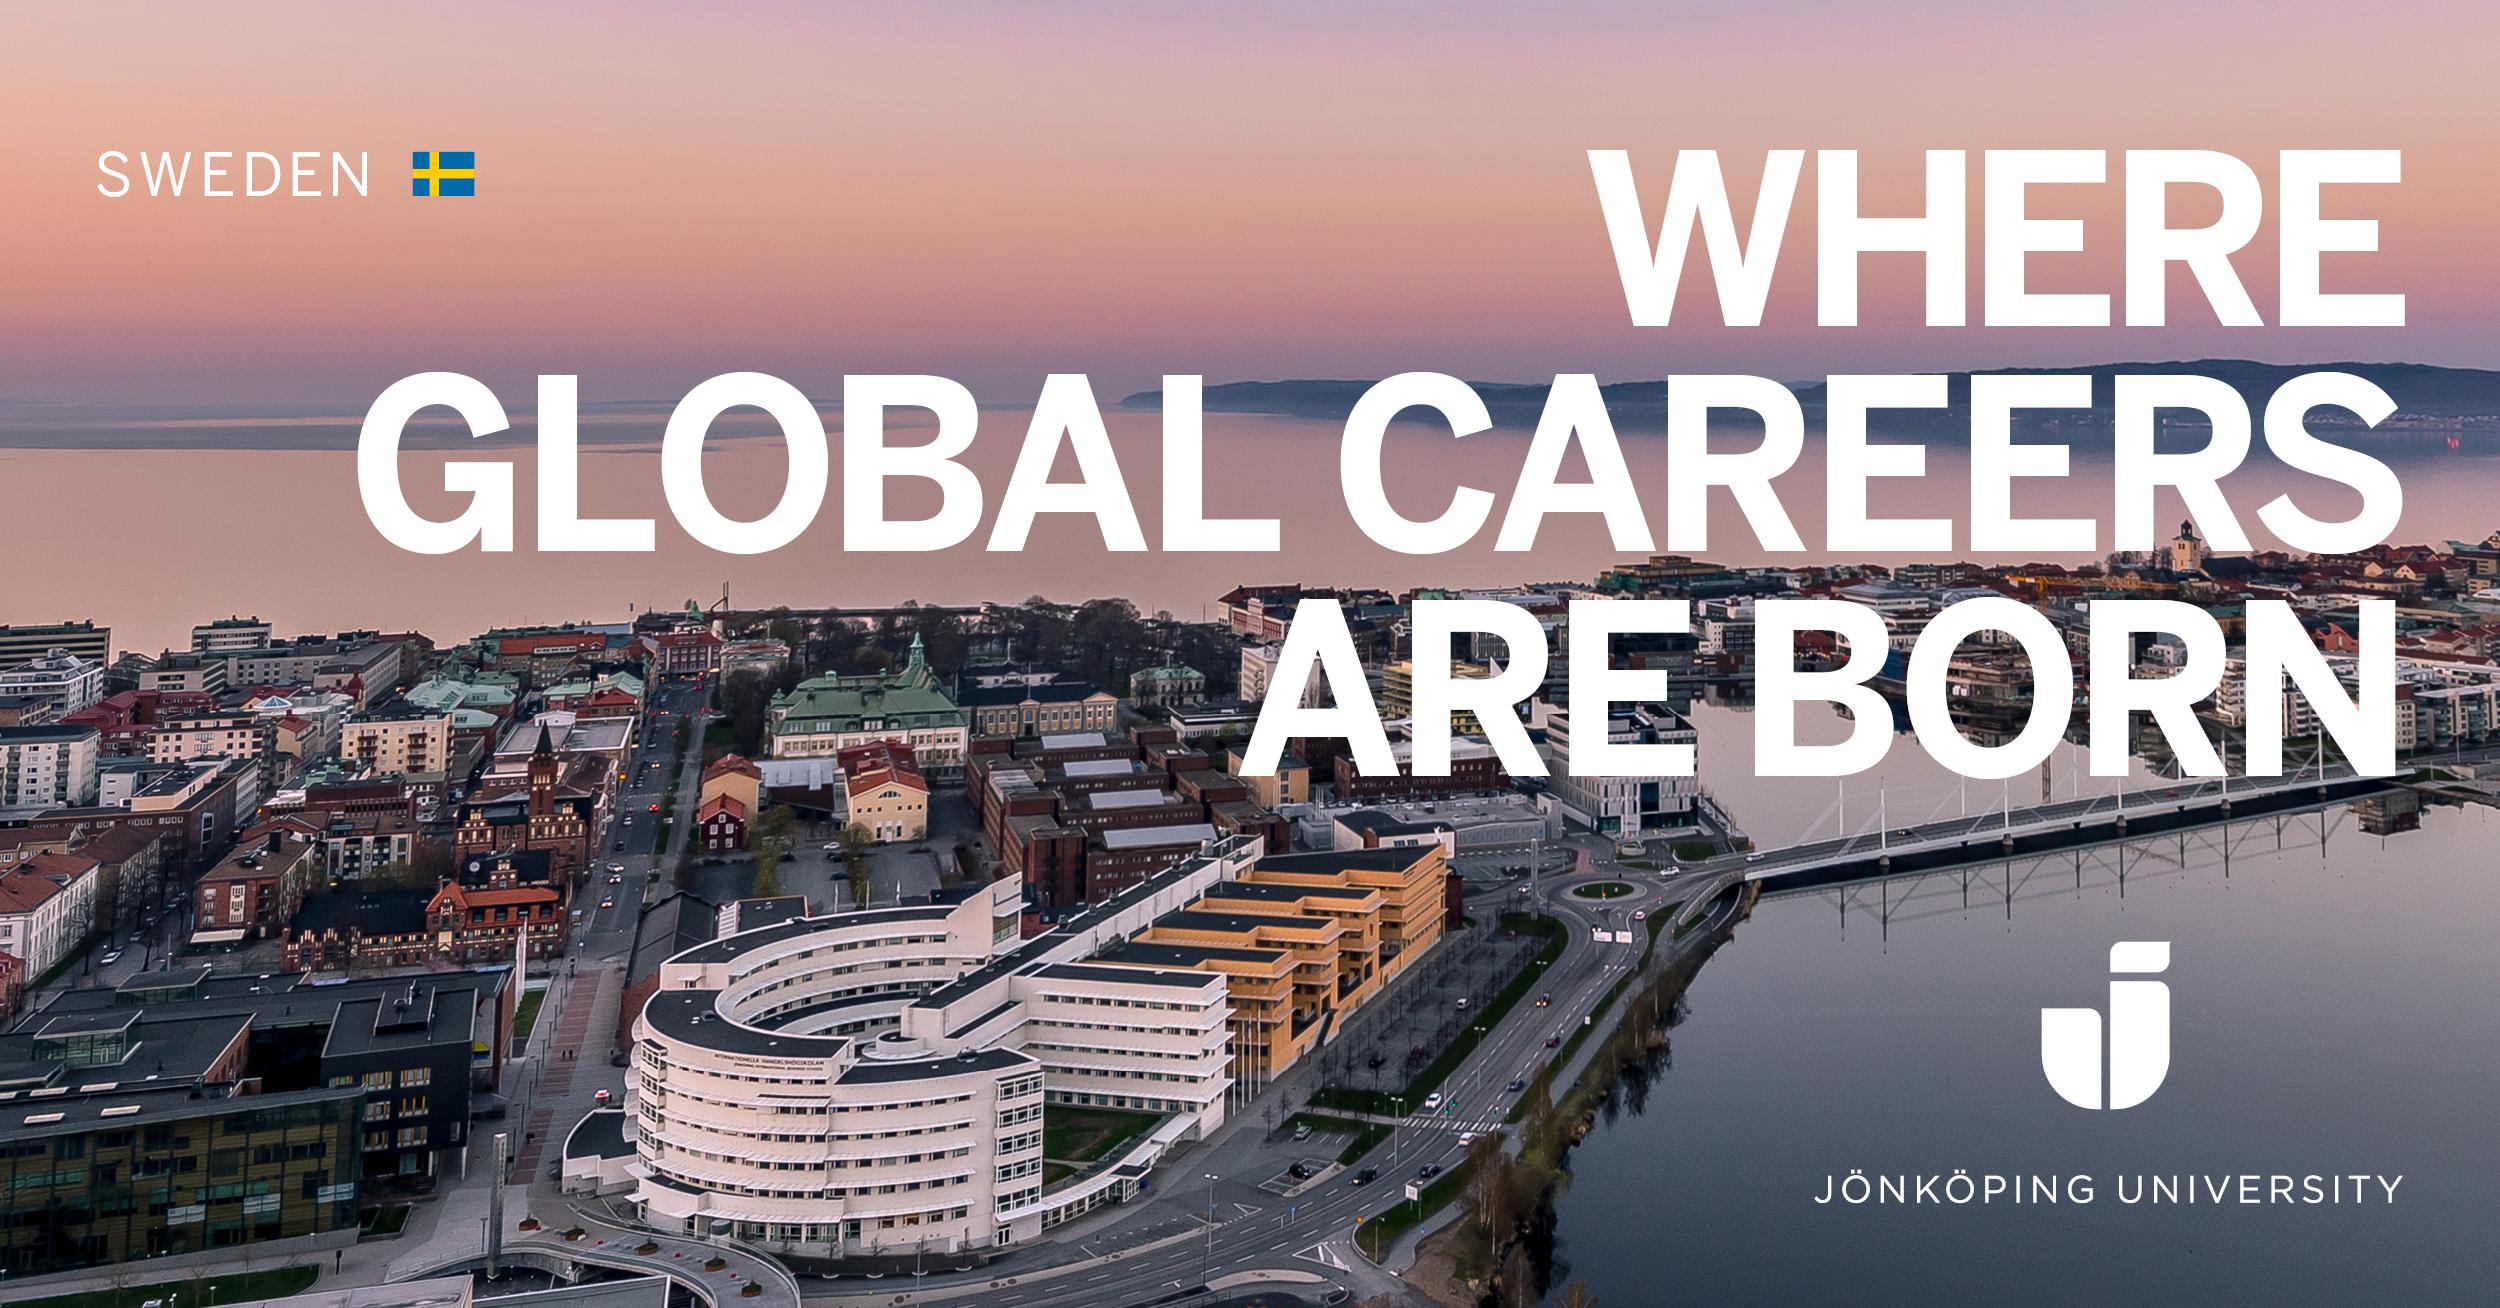 Jönköping University banner